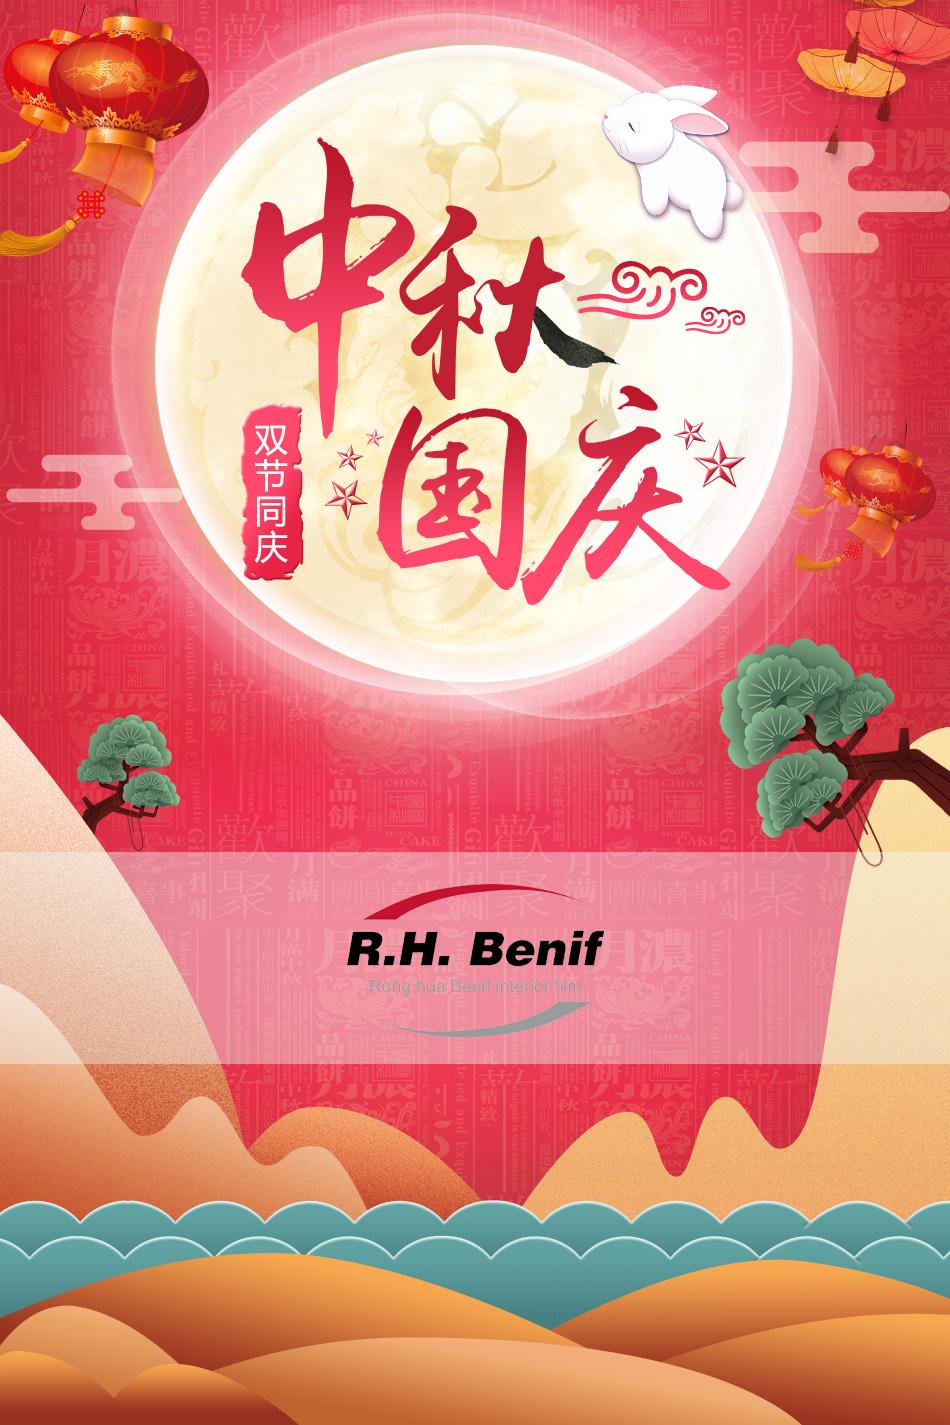 benif_zhong_guo1.jpg